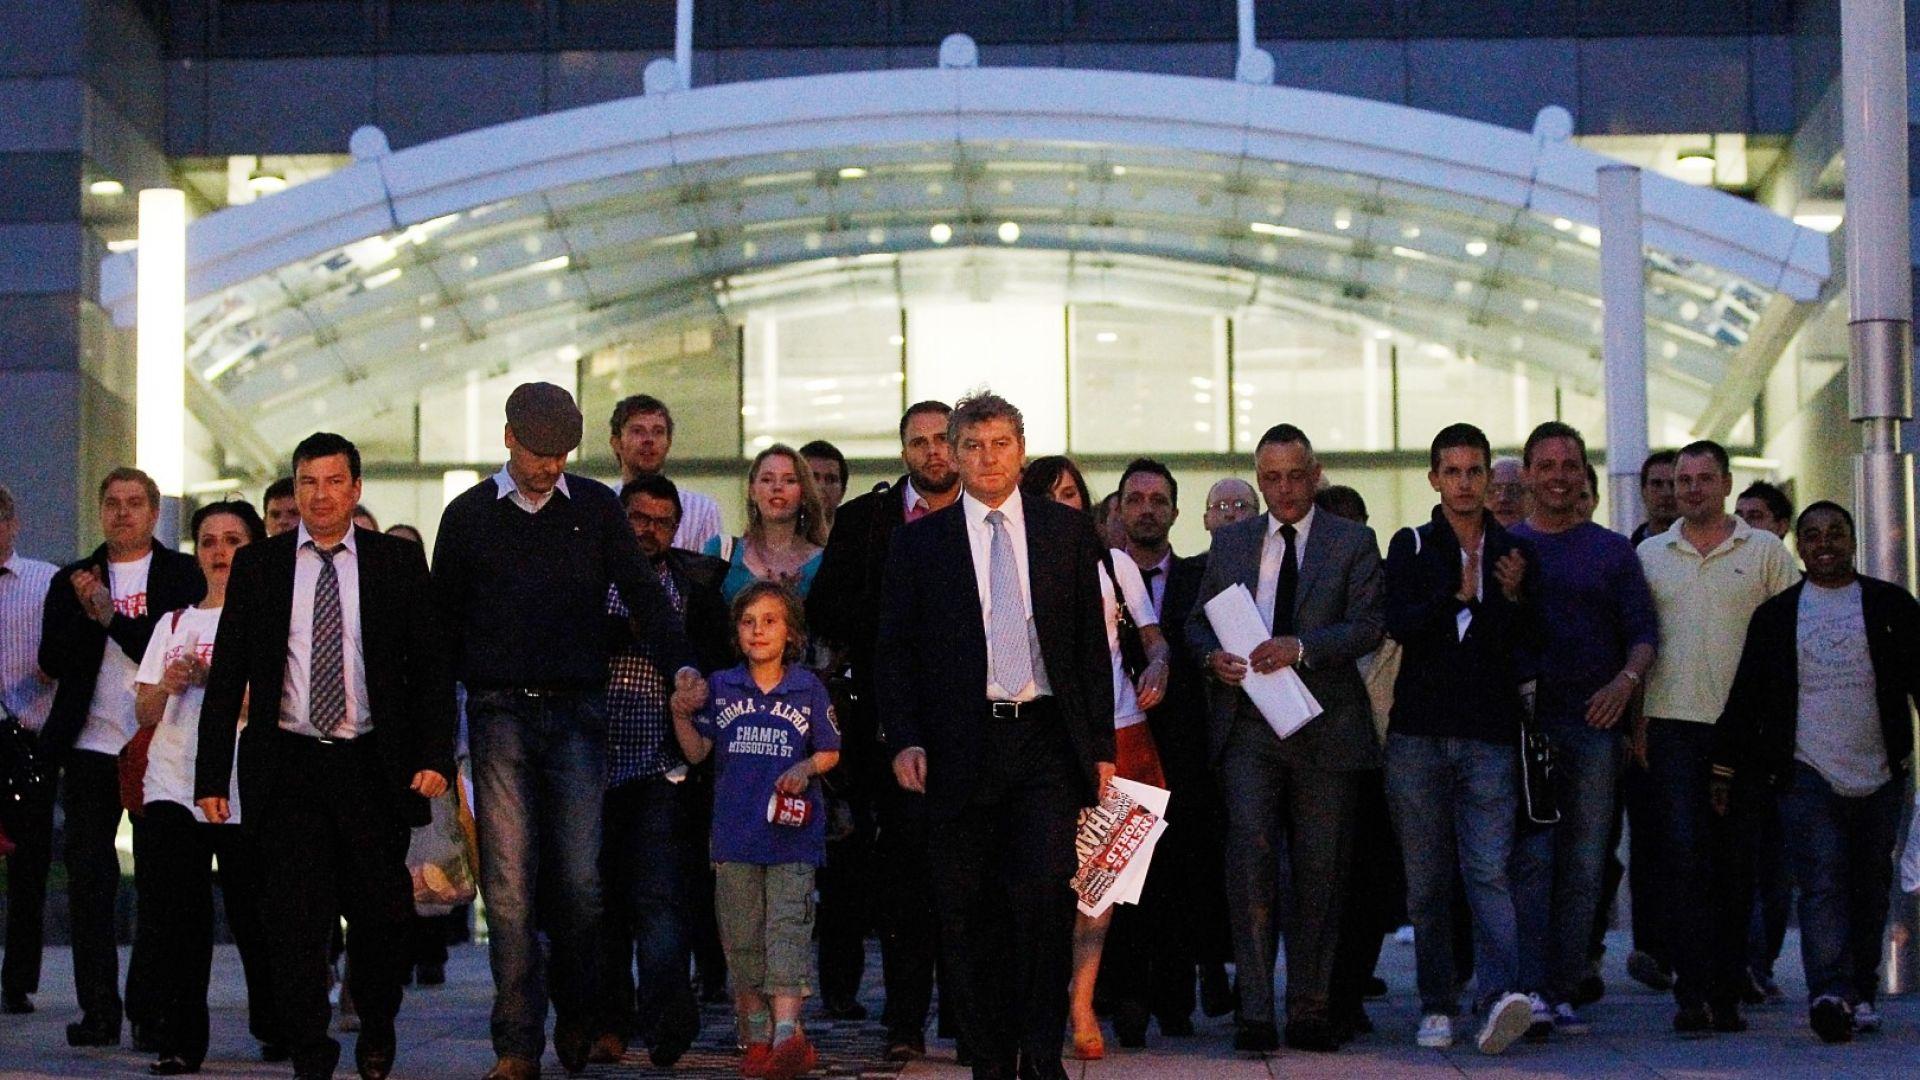 Главният редактор на News of The World Editor Колин Майлър извежда служители и журналисти от офисите на вестника на площад